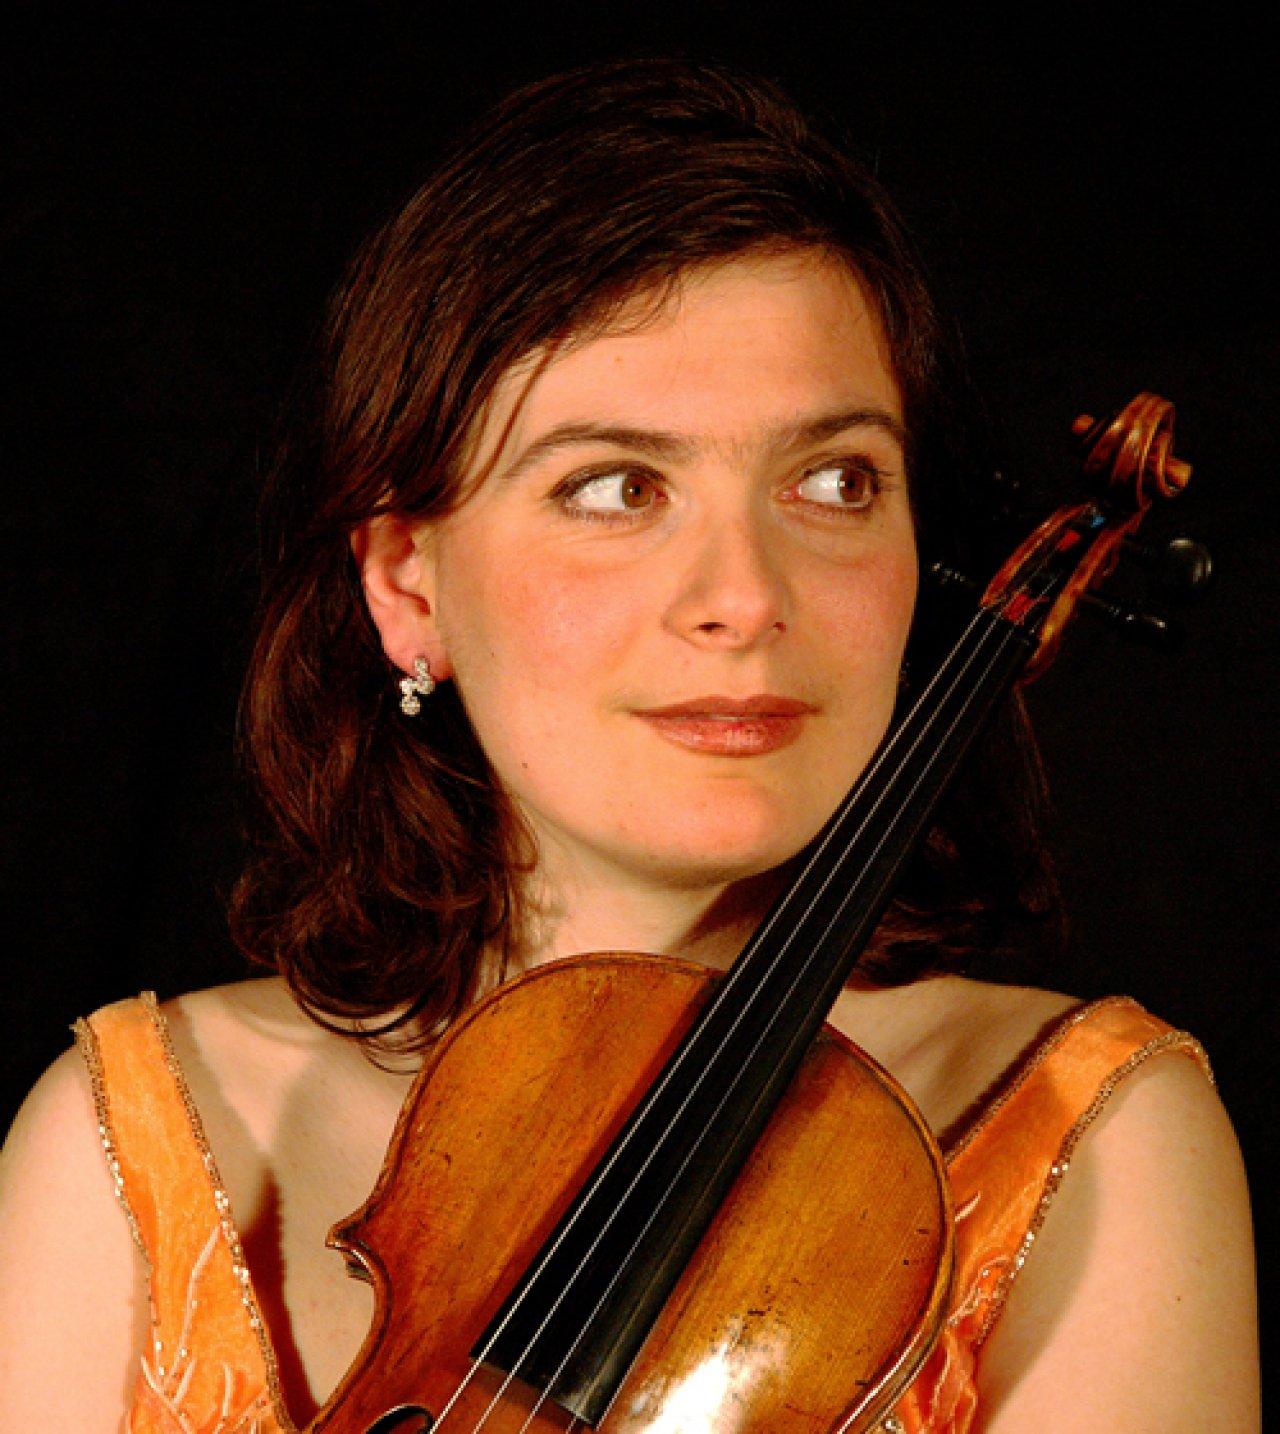 Албена Данаилова - първата жена концертмайстор на Виенската филхармония ще я изведе на концерта в парка на Двореца Шьонбрун